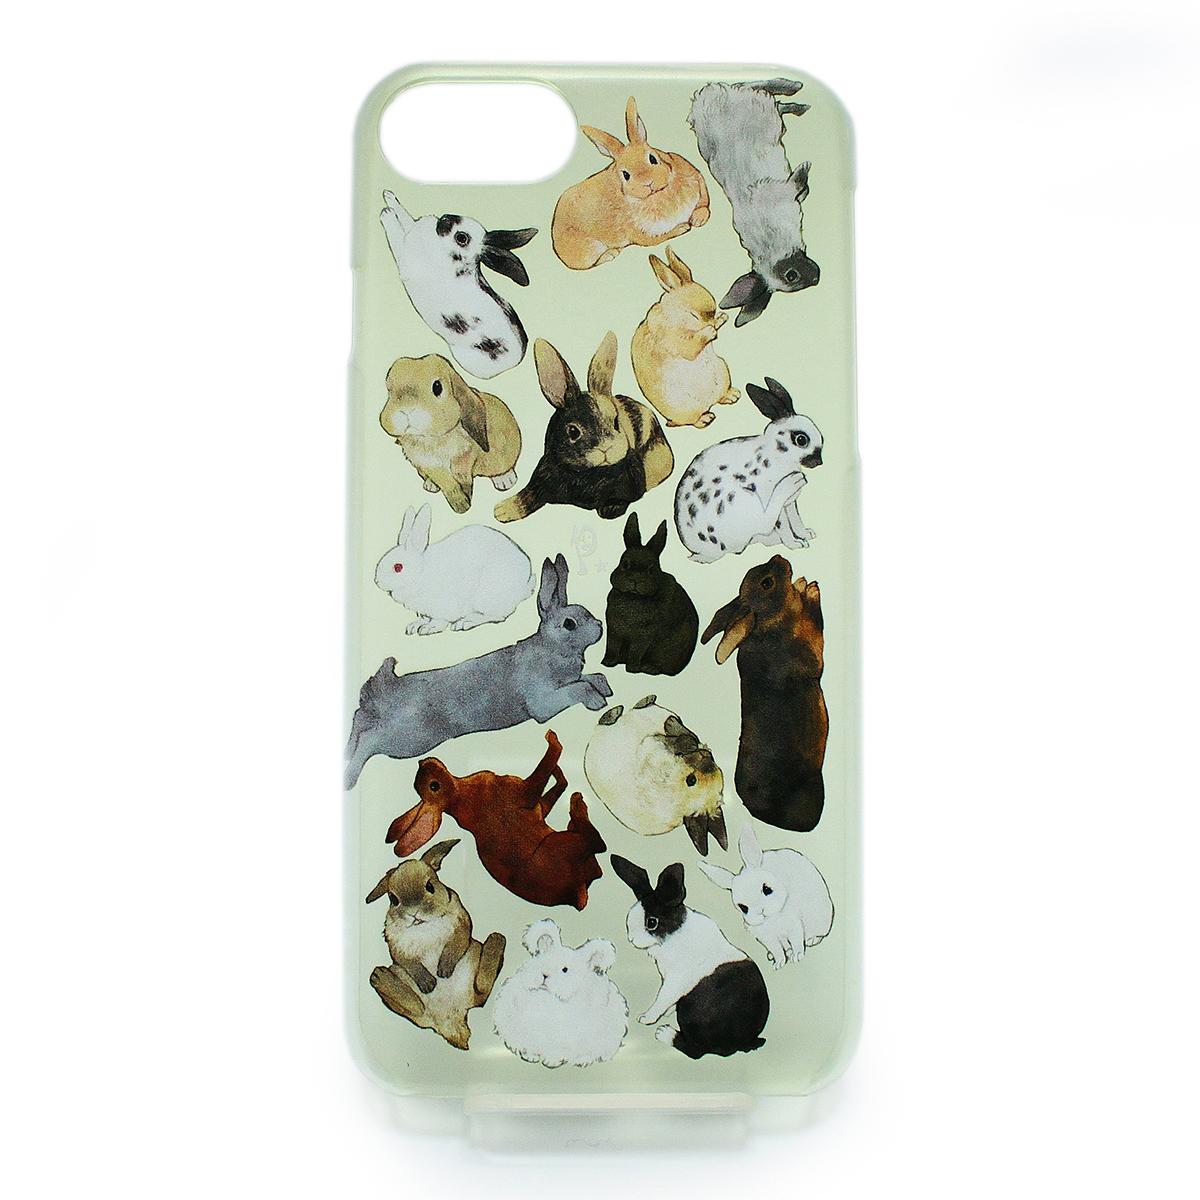 【セール】ウサギ図鑑(ハード)/ スマートフォンケース(iPhone6,iPhone7,iPhone8兼用)